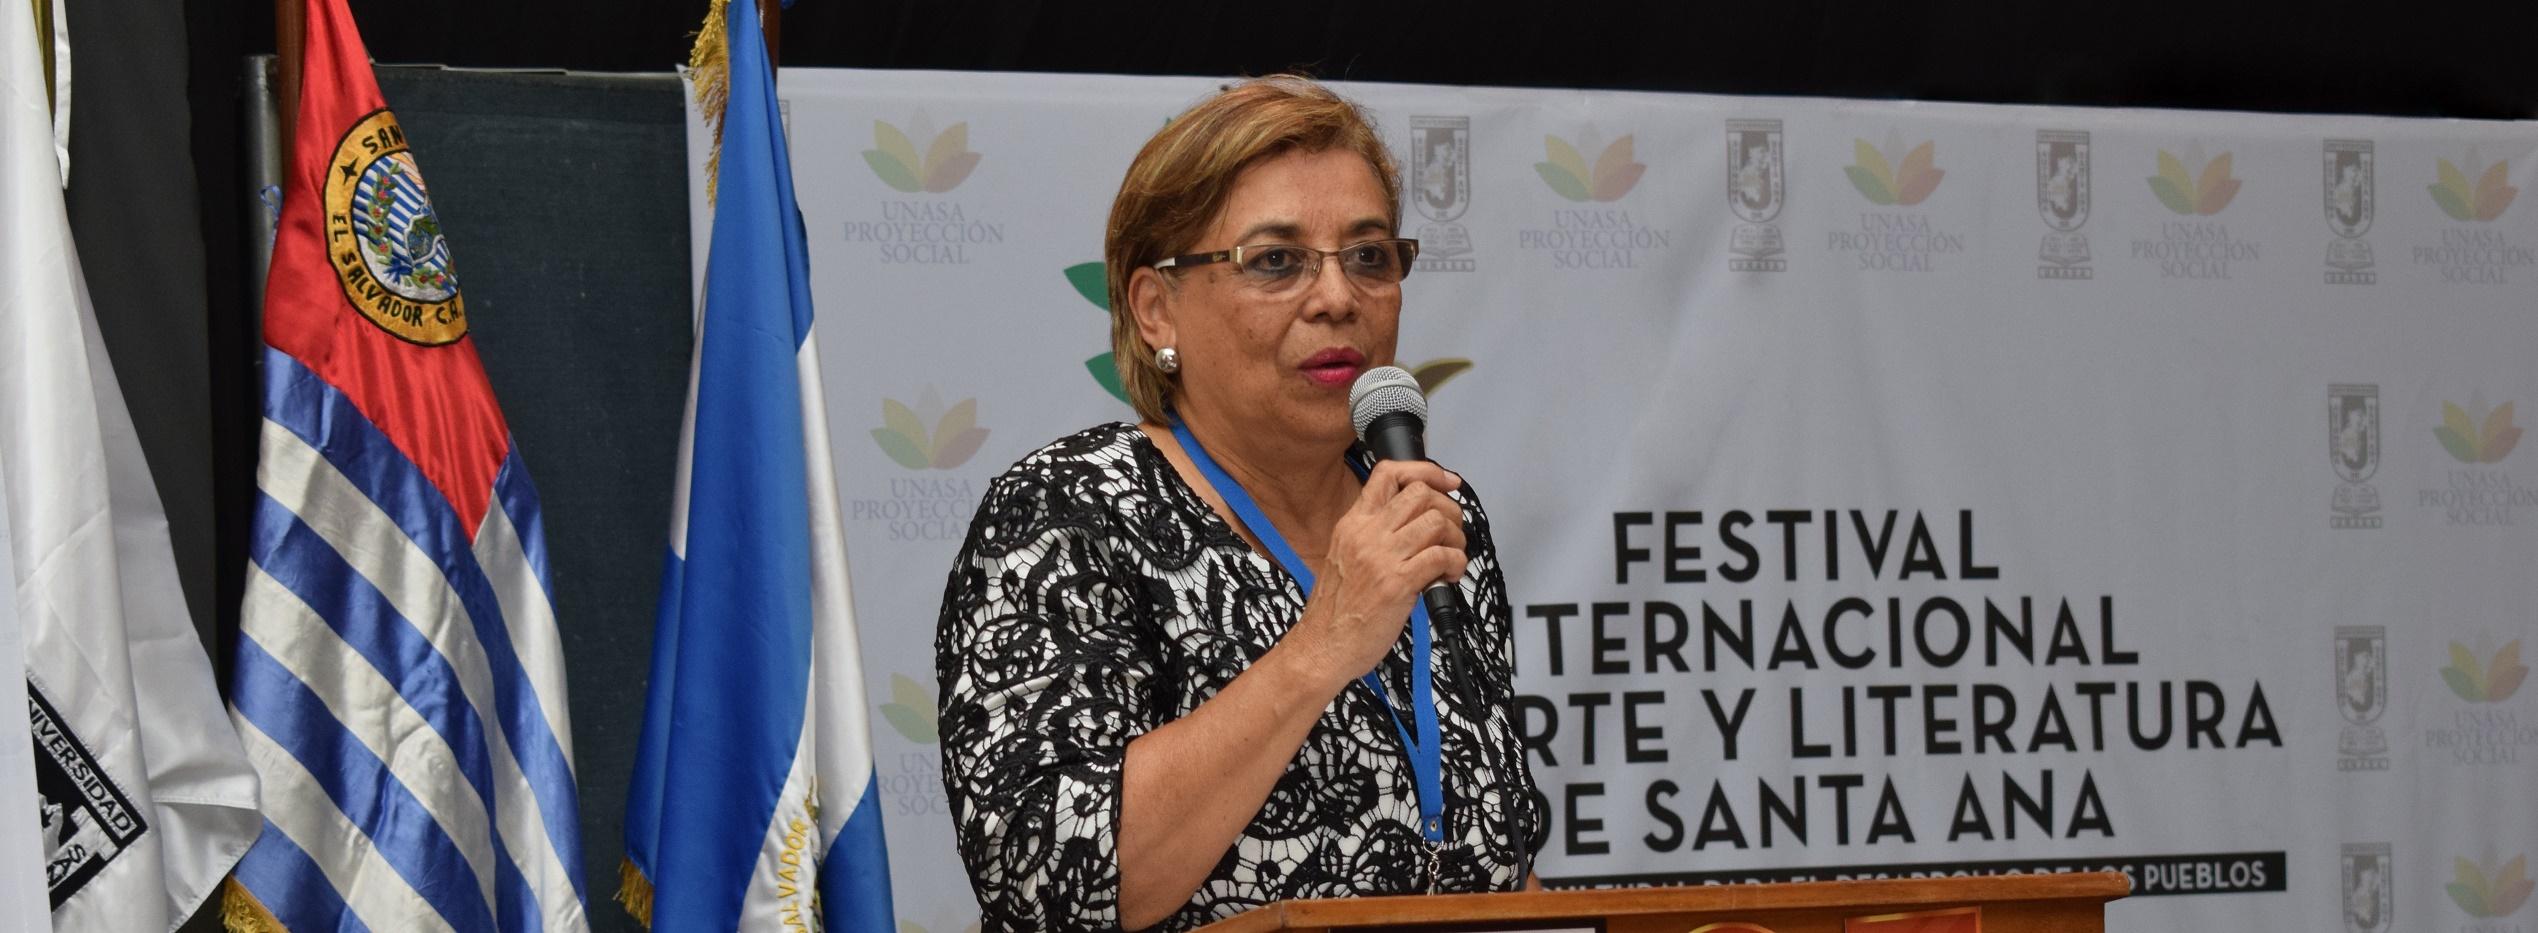 XX Encuentro Internacional del Mundo de la Cultura en Chile recibirá universidades de El Salvador